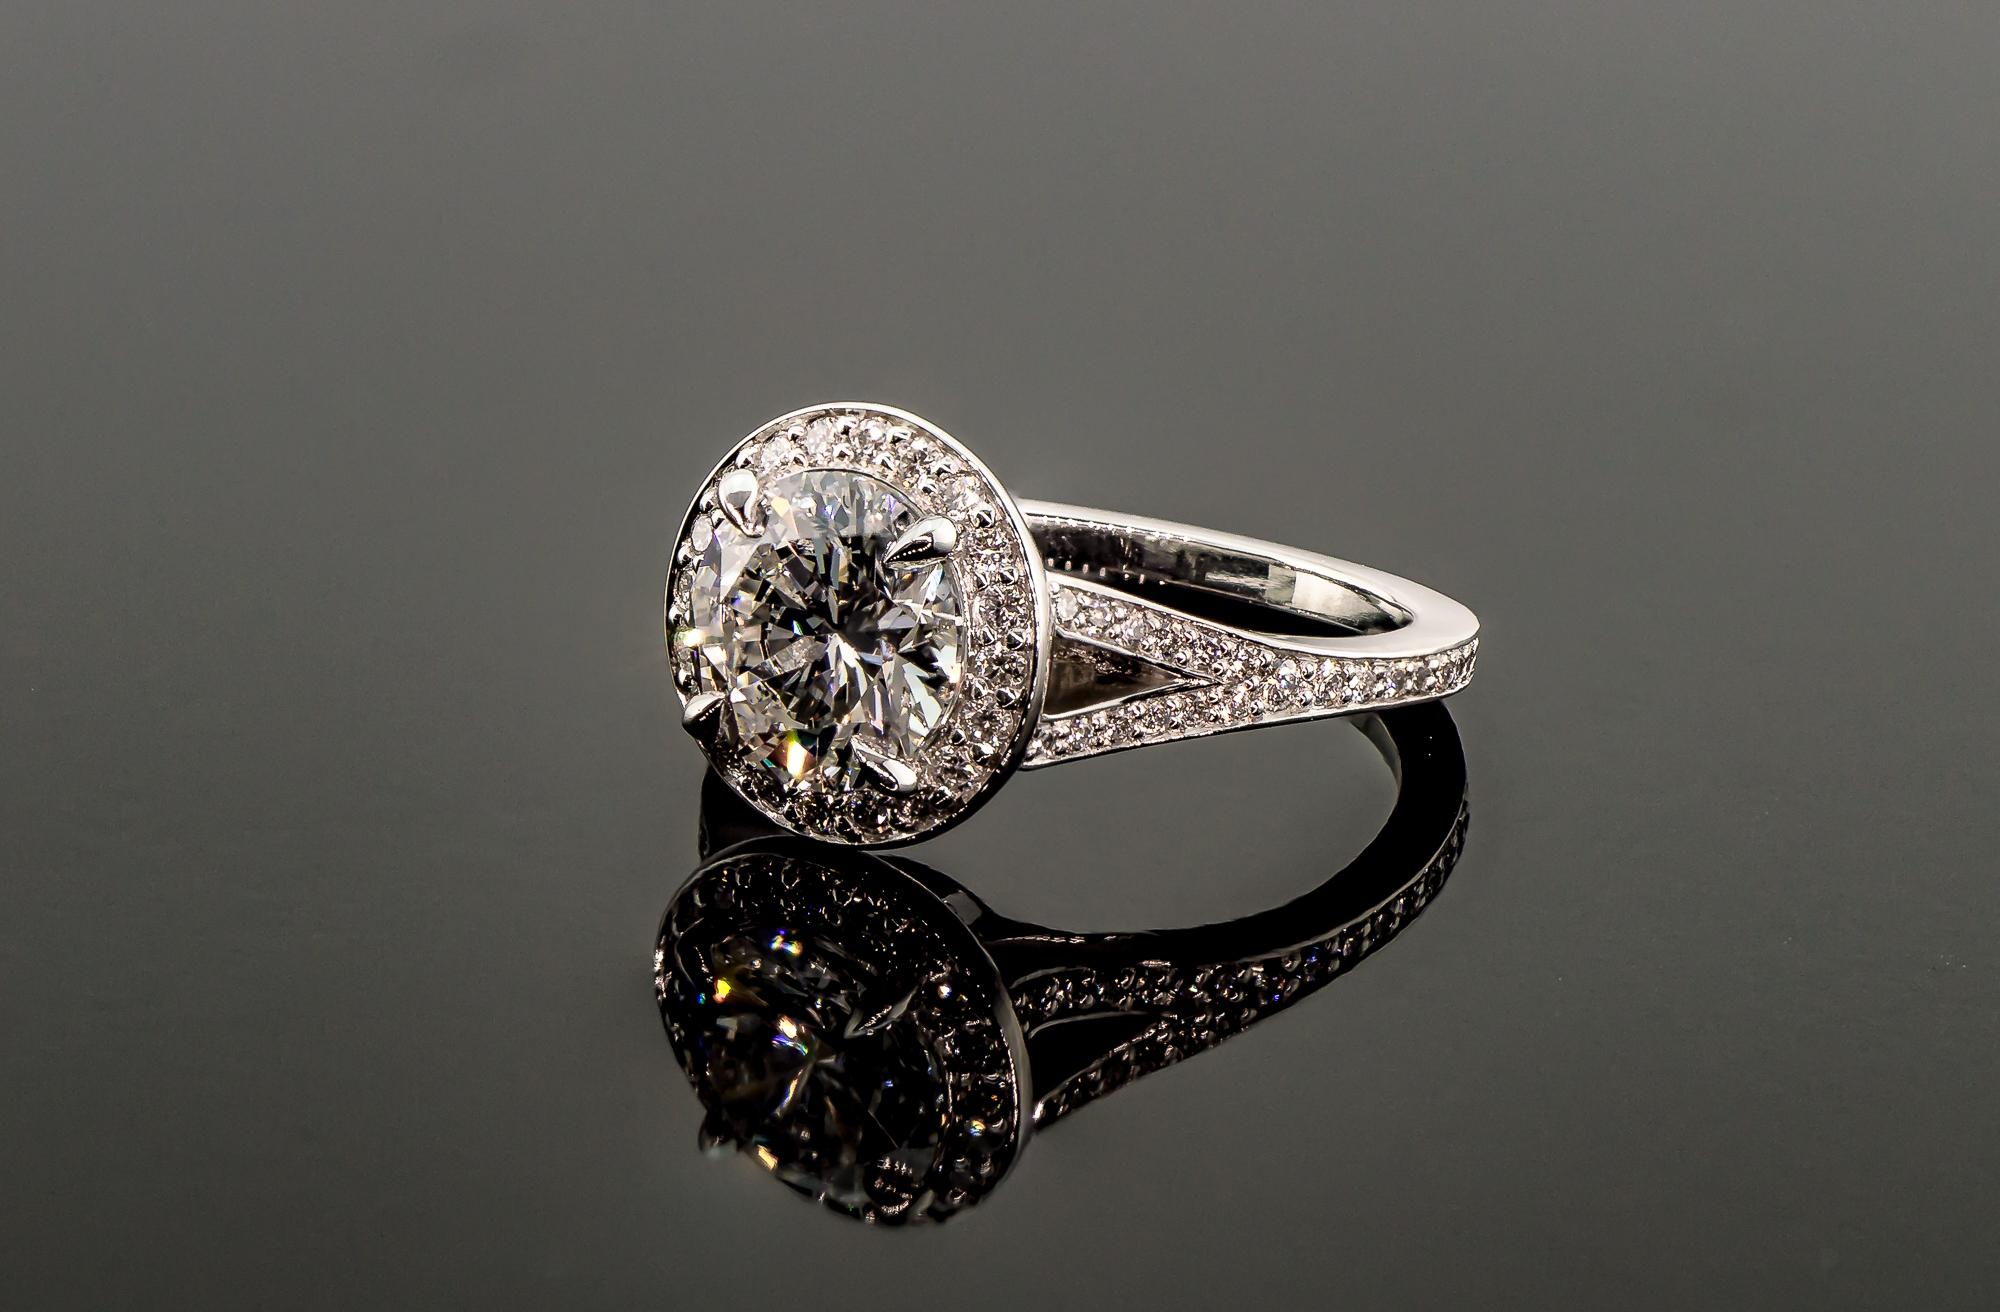 darryls ring-1.jpg